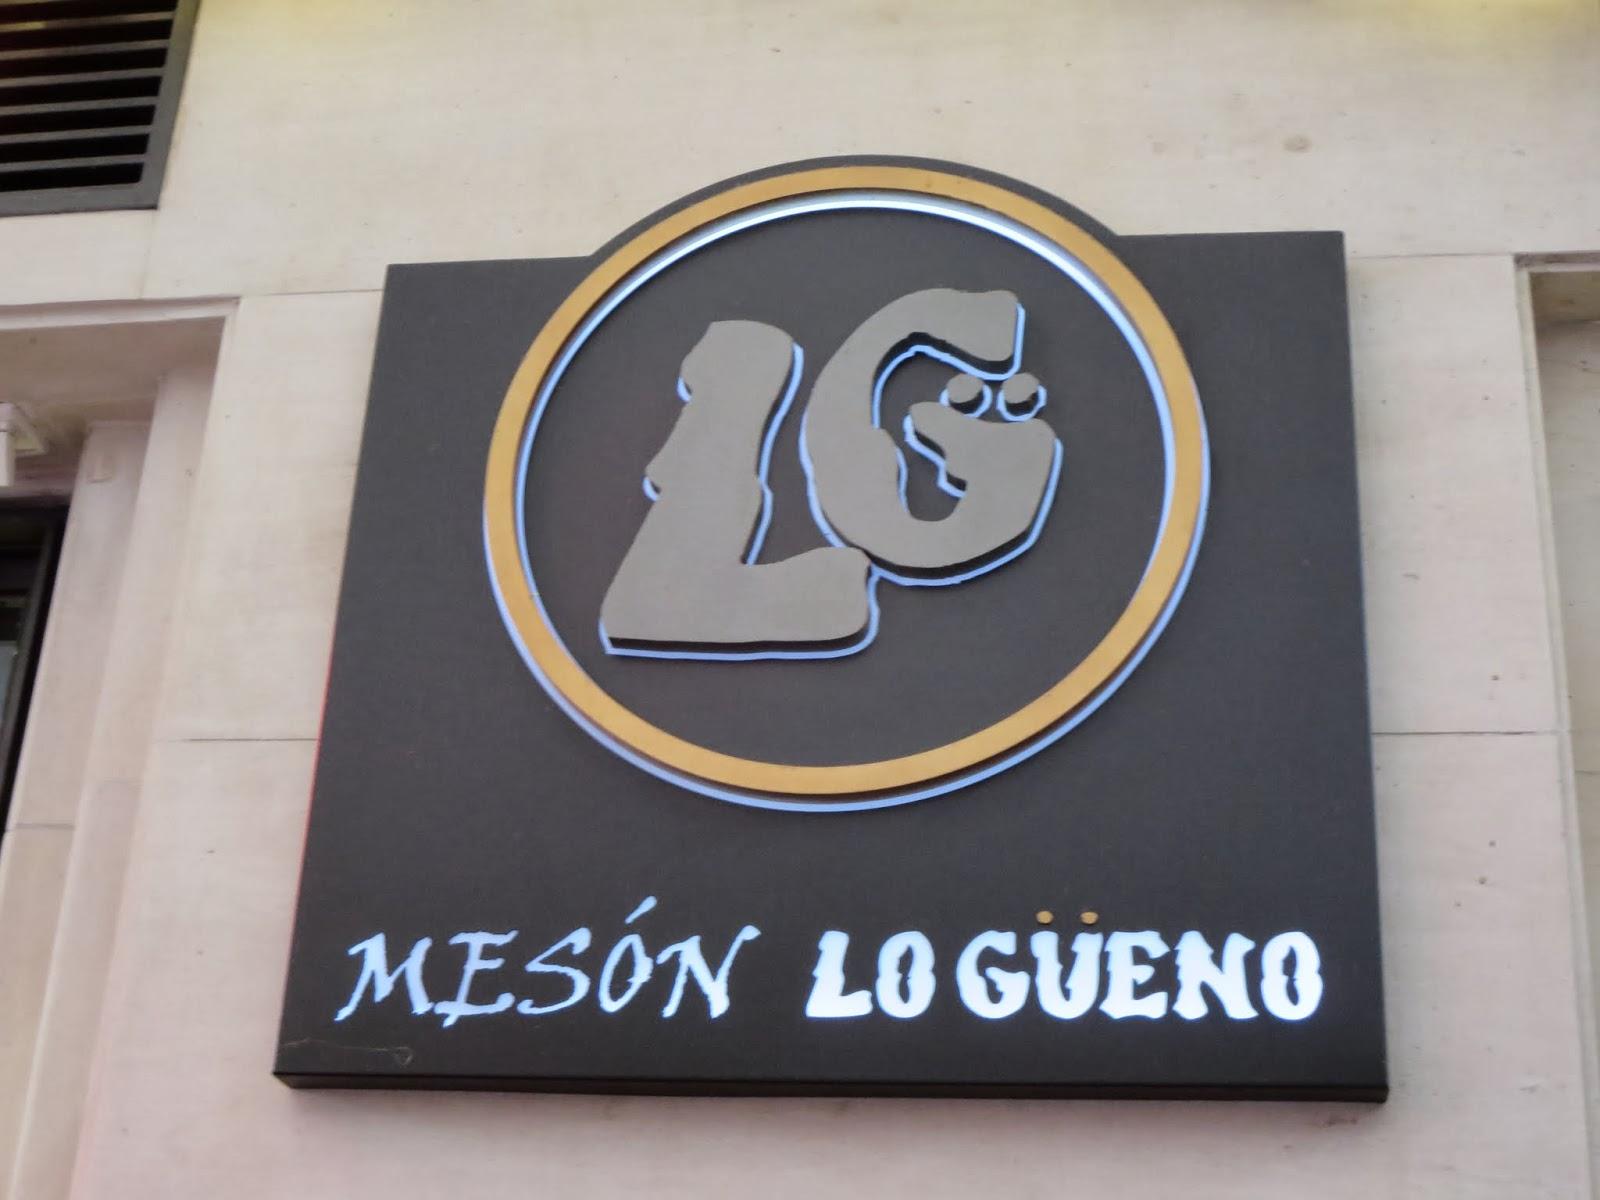 Meson Lo Gueno in Málaga, Spain